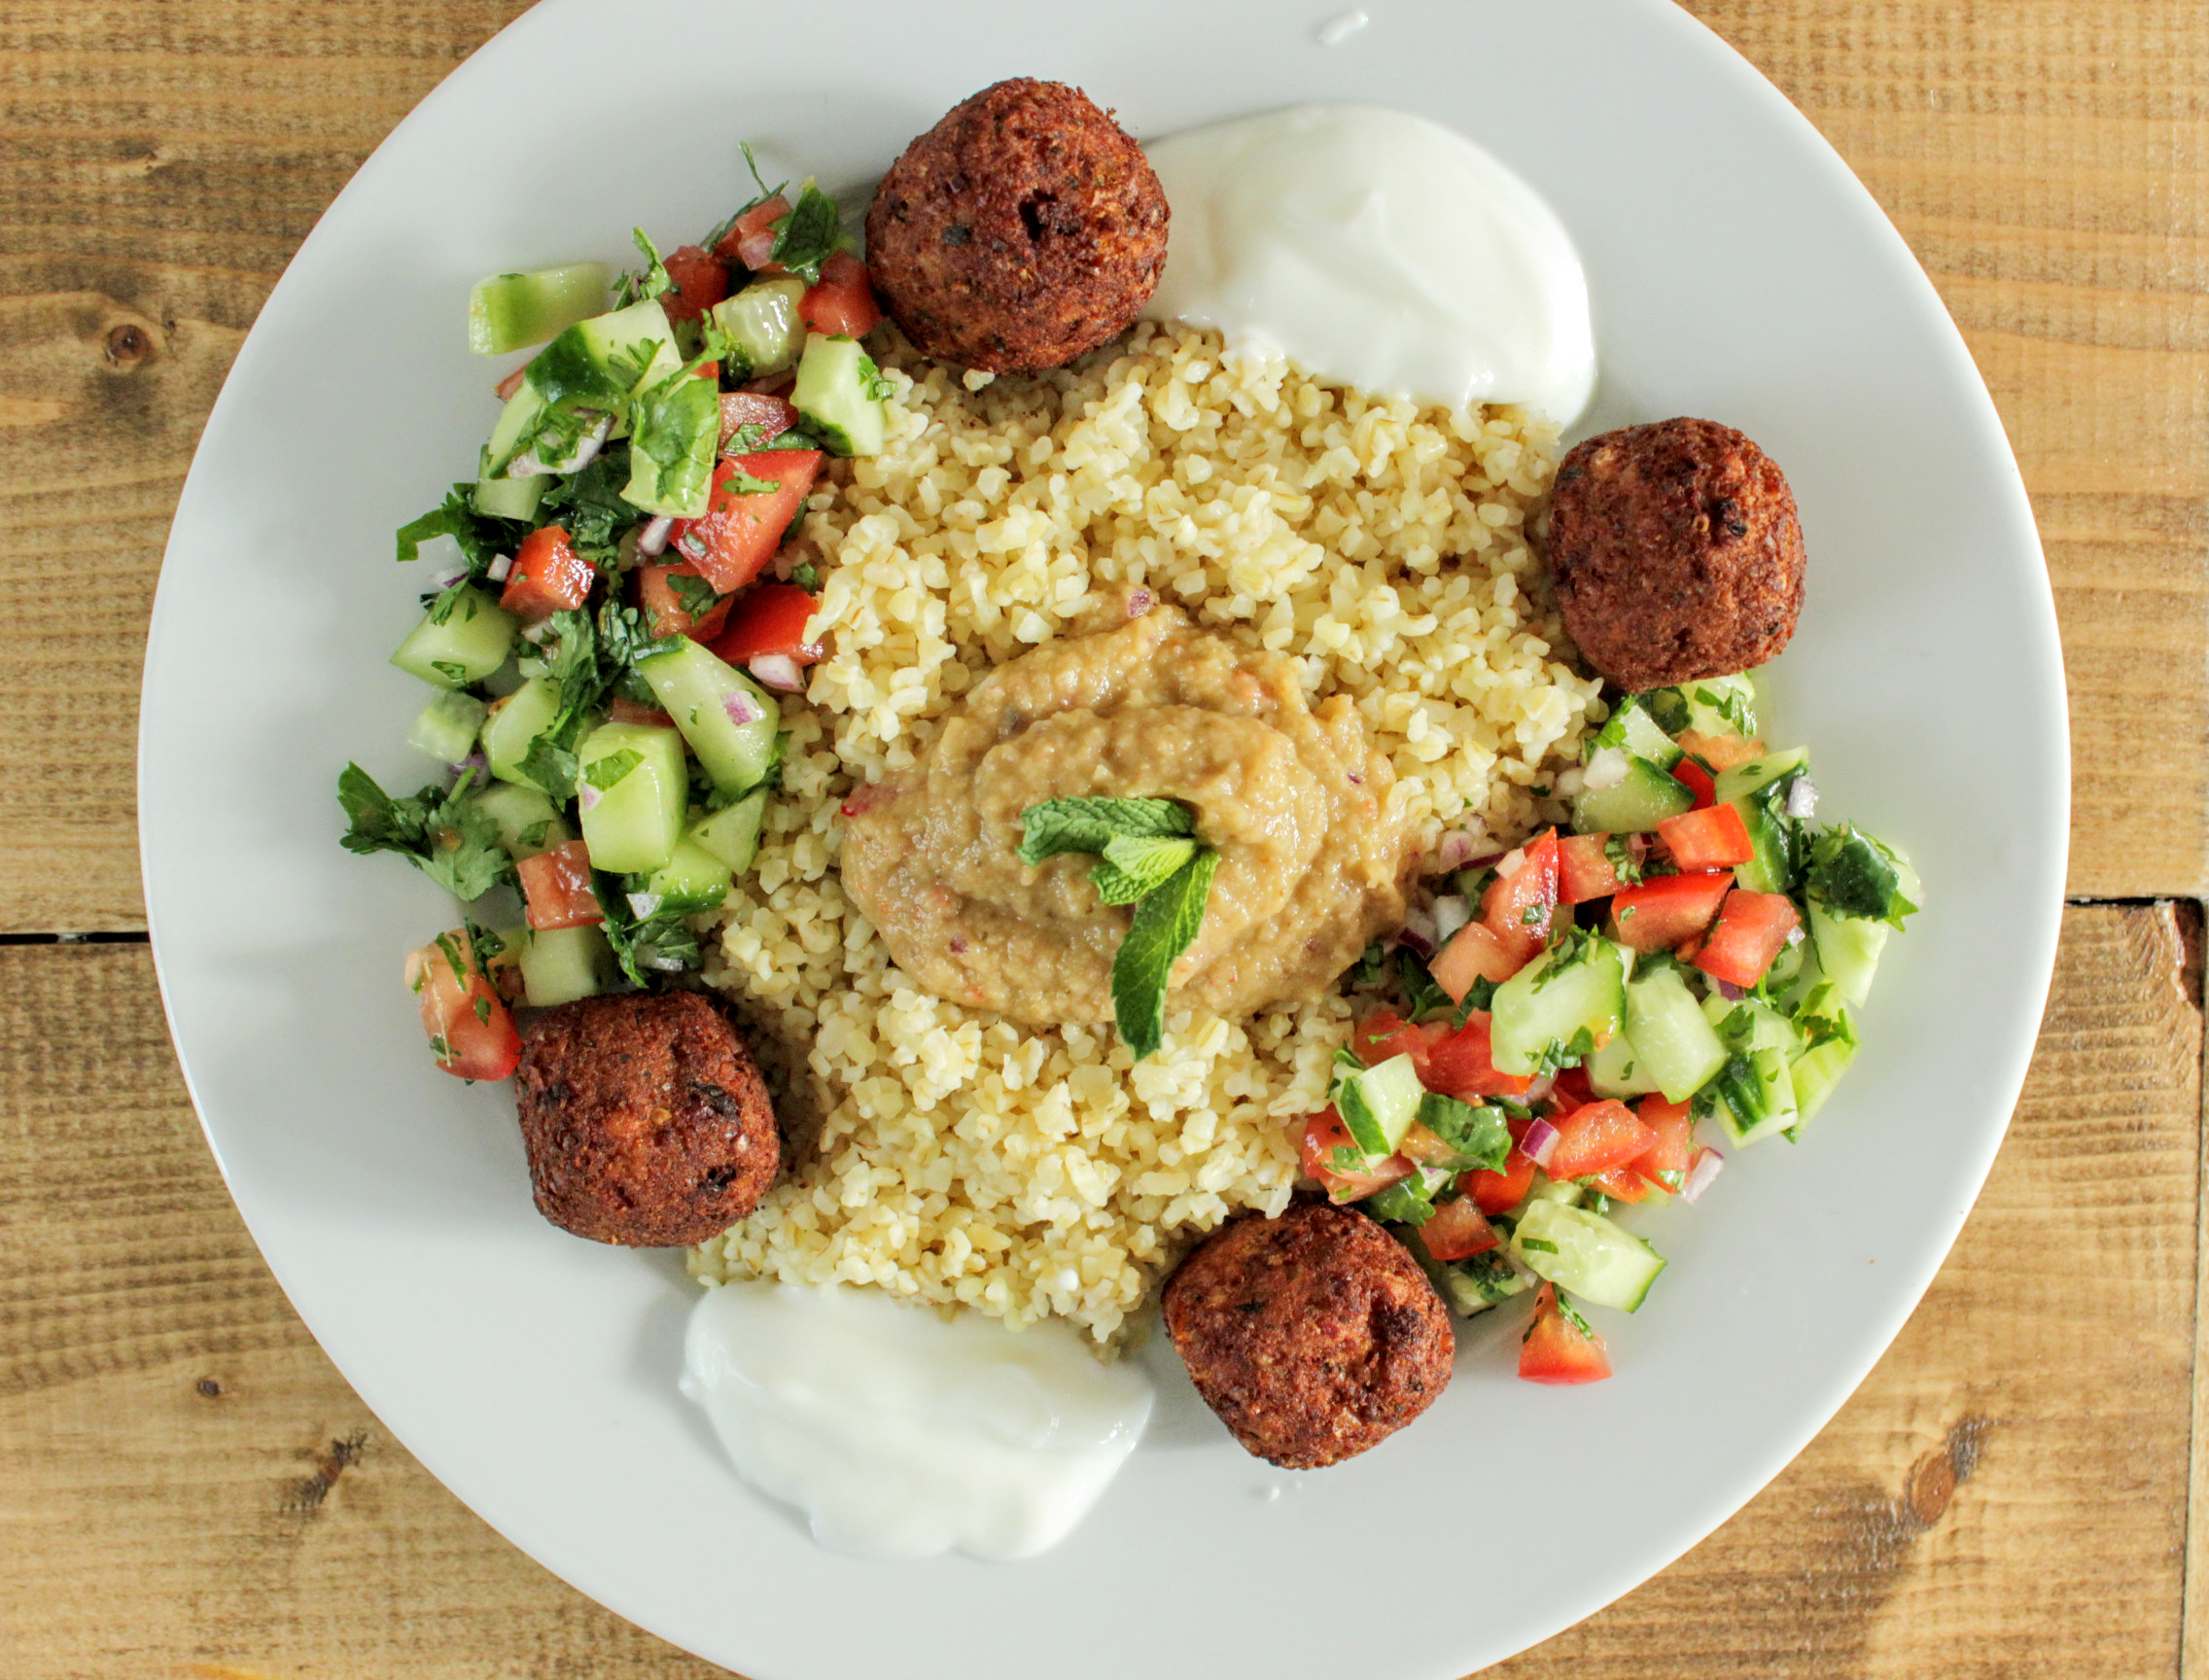 gezond eten - bulgur en falafel